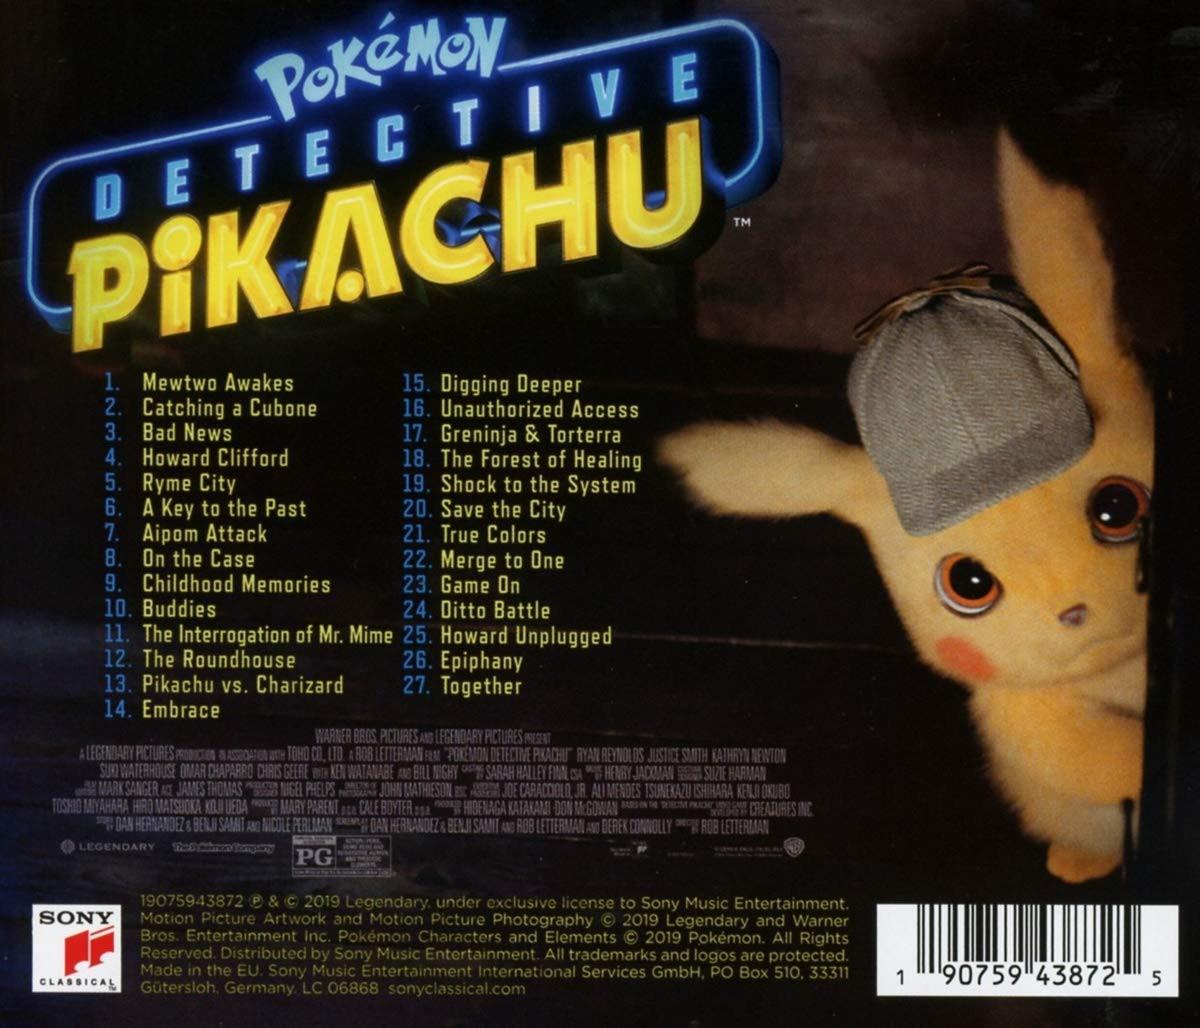 Pokémon Detective Pikachu - soundtrack CD (tył)